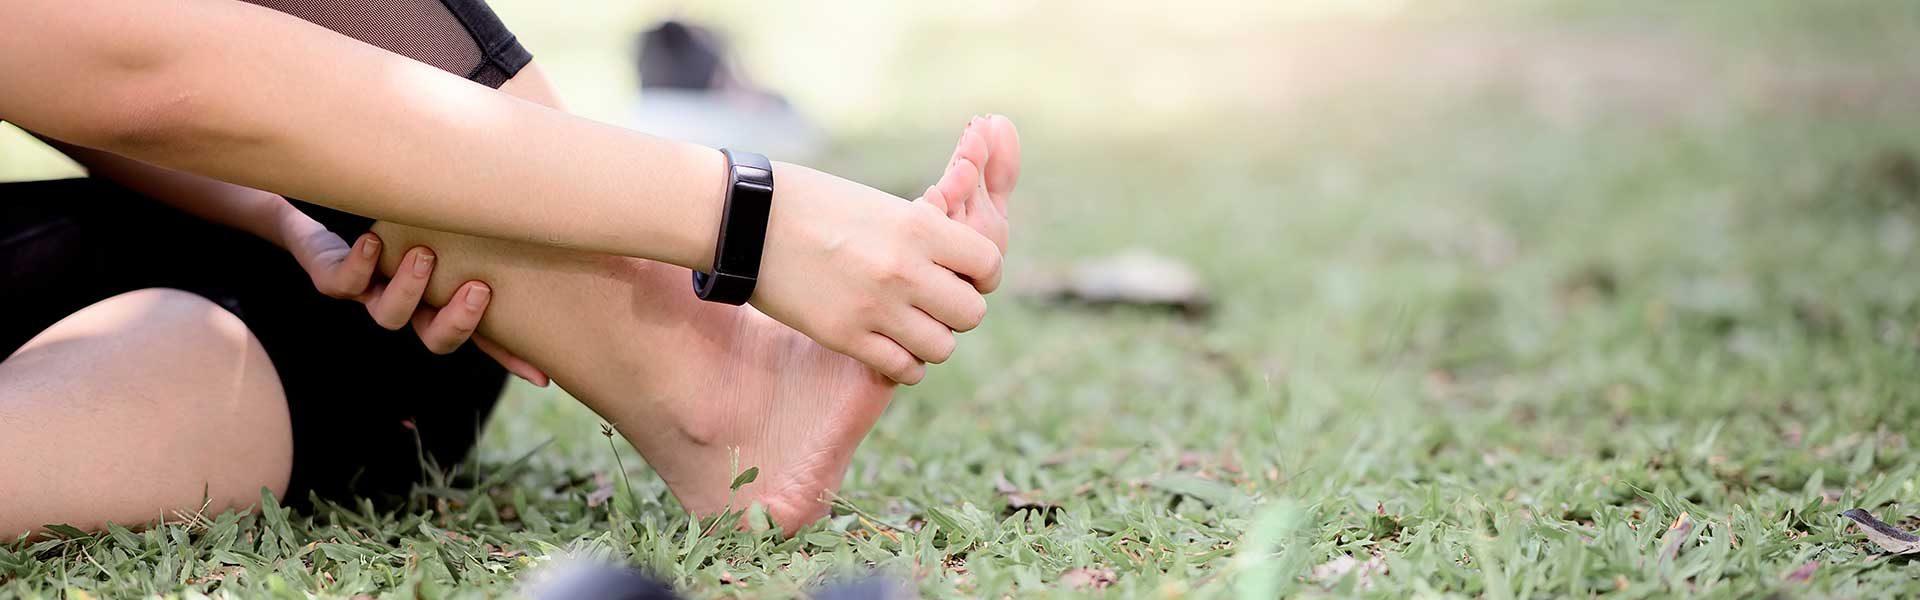 כאבי-רגליים